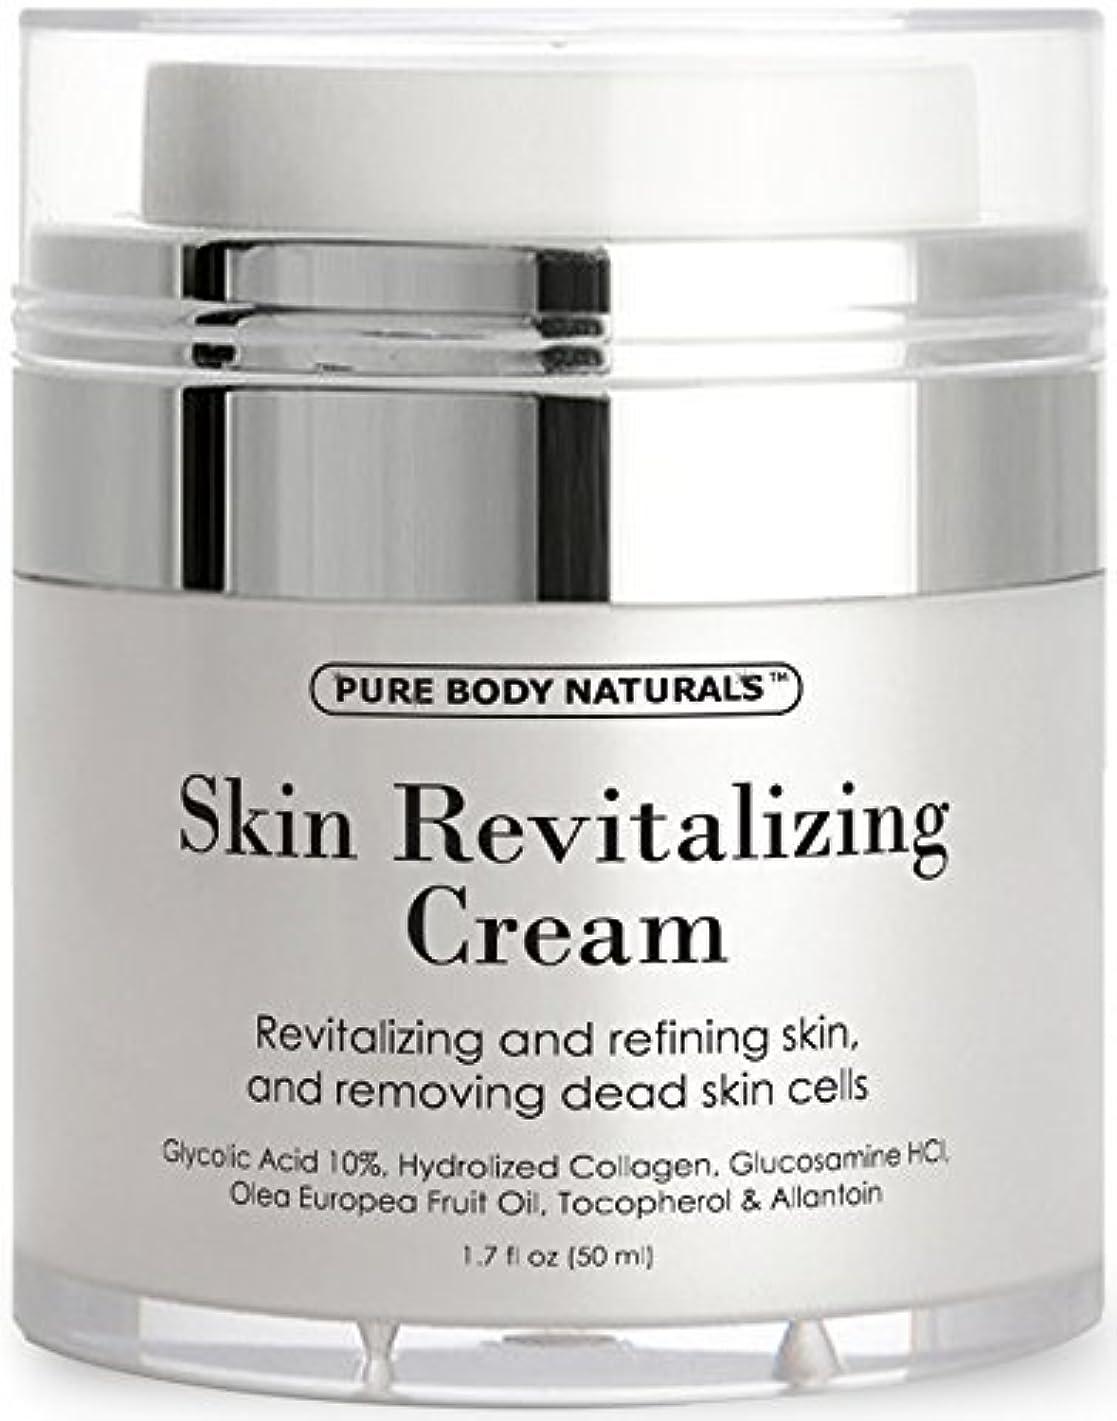 あいまいな乱闘船乗りアメリカから スキン活性化クリーム Skin Revitalizing Cream - Glycolic Acid Moisturizer (50ml) (海外直送品) [並行輸入品]